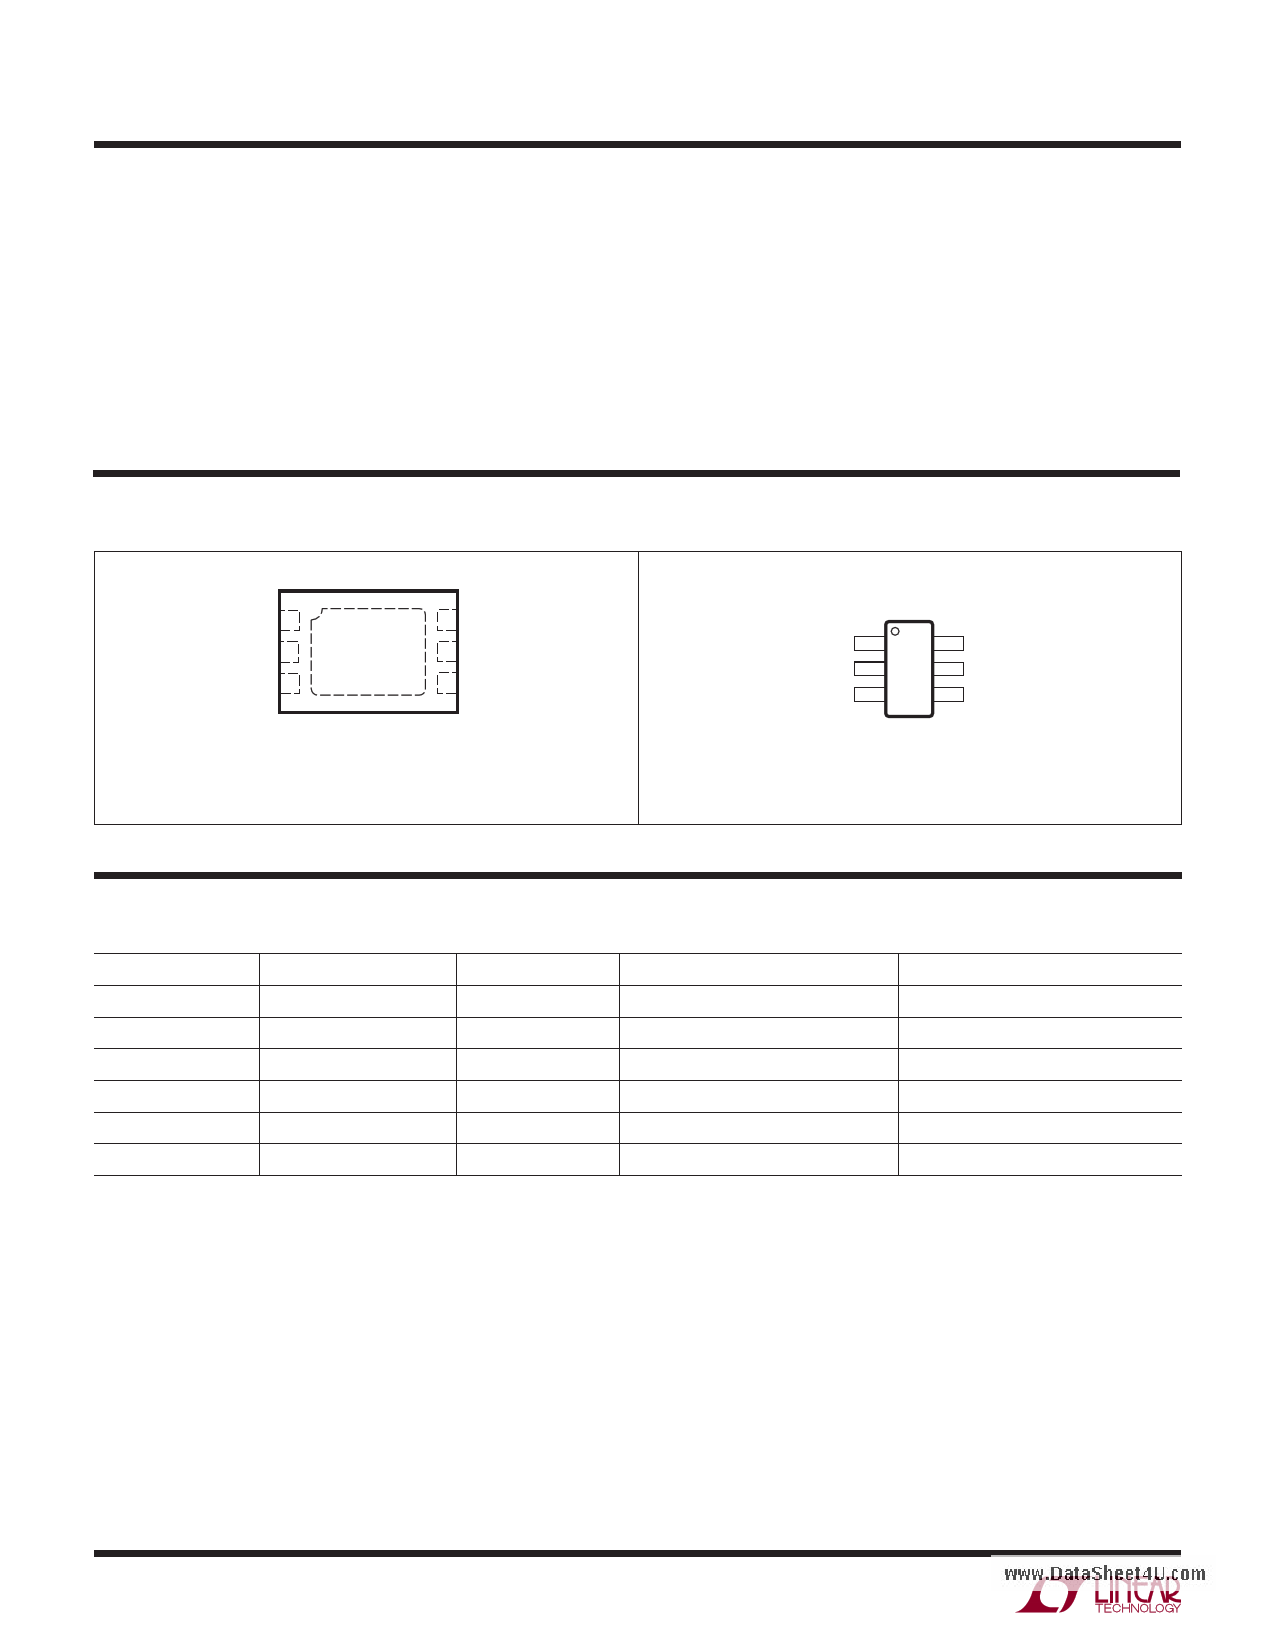 LTC6990 pdf schematic